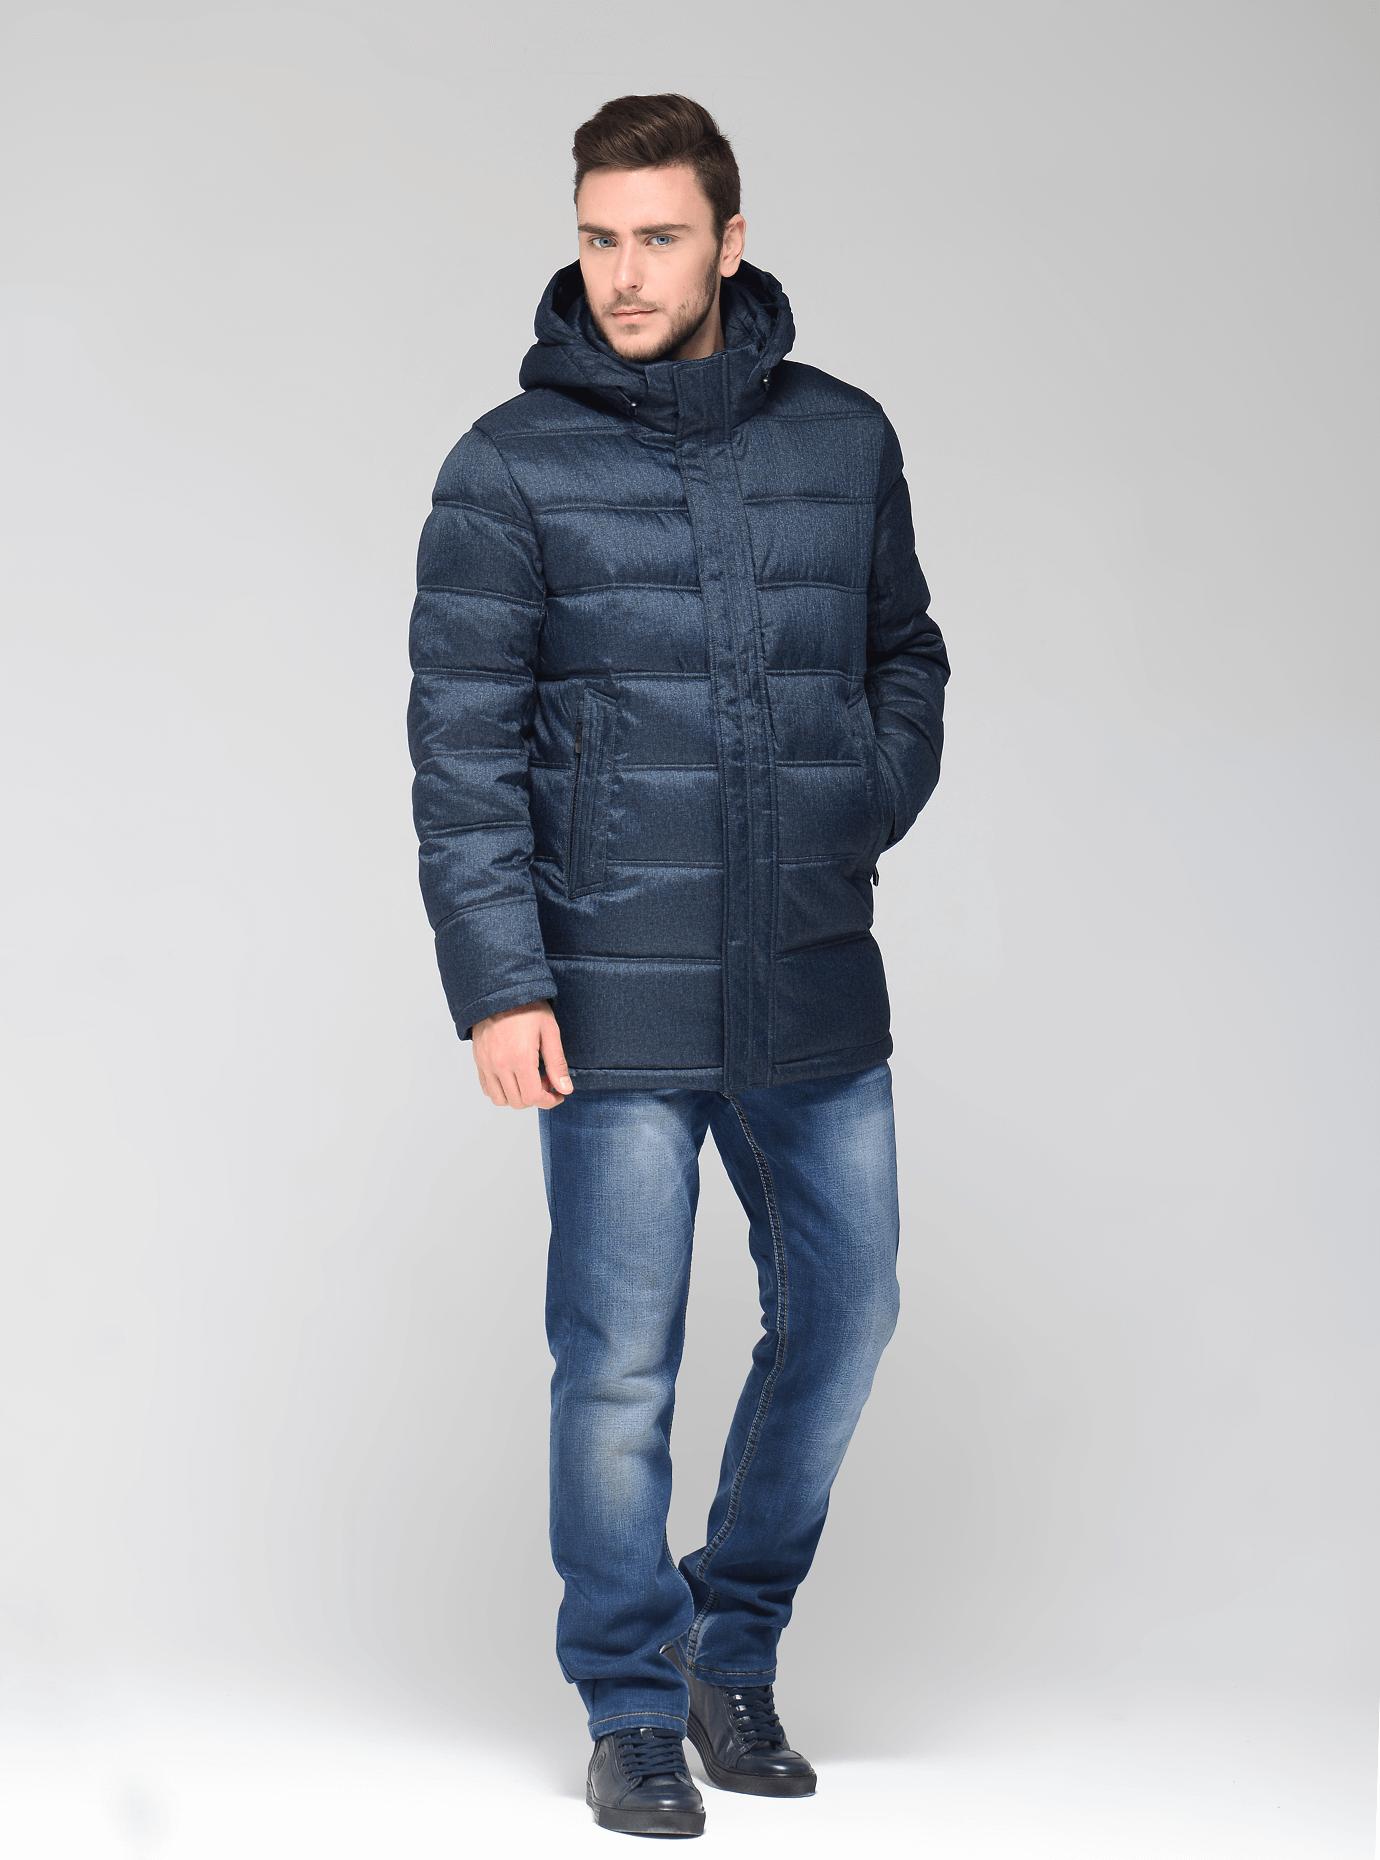 Куртка мужская зимняя с капюшоном Синий 46 (02-MR19065): фото - Alster.ua